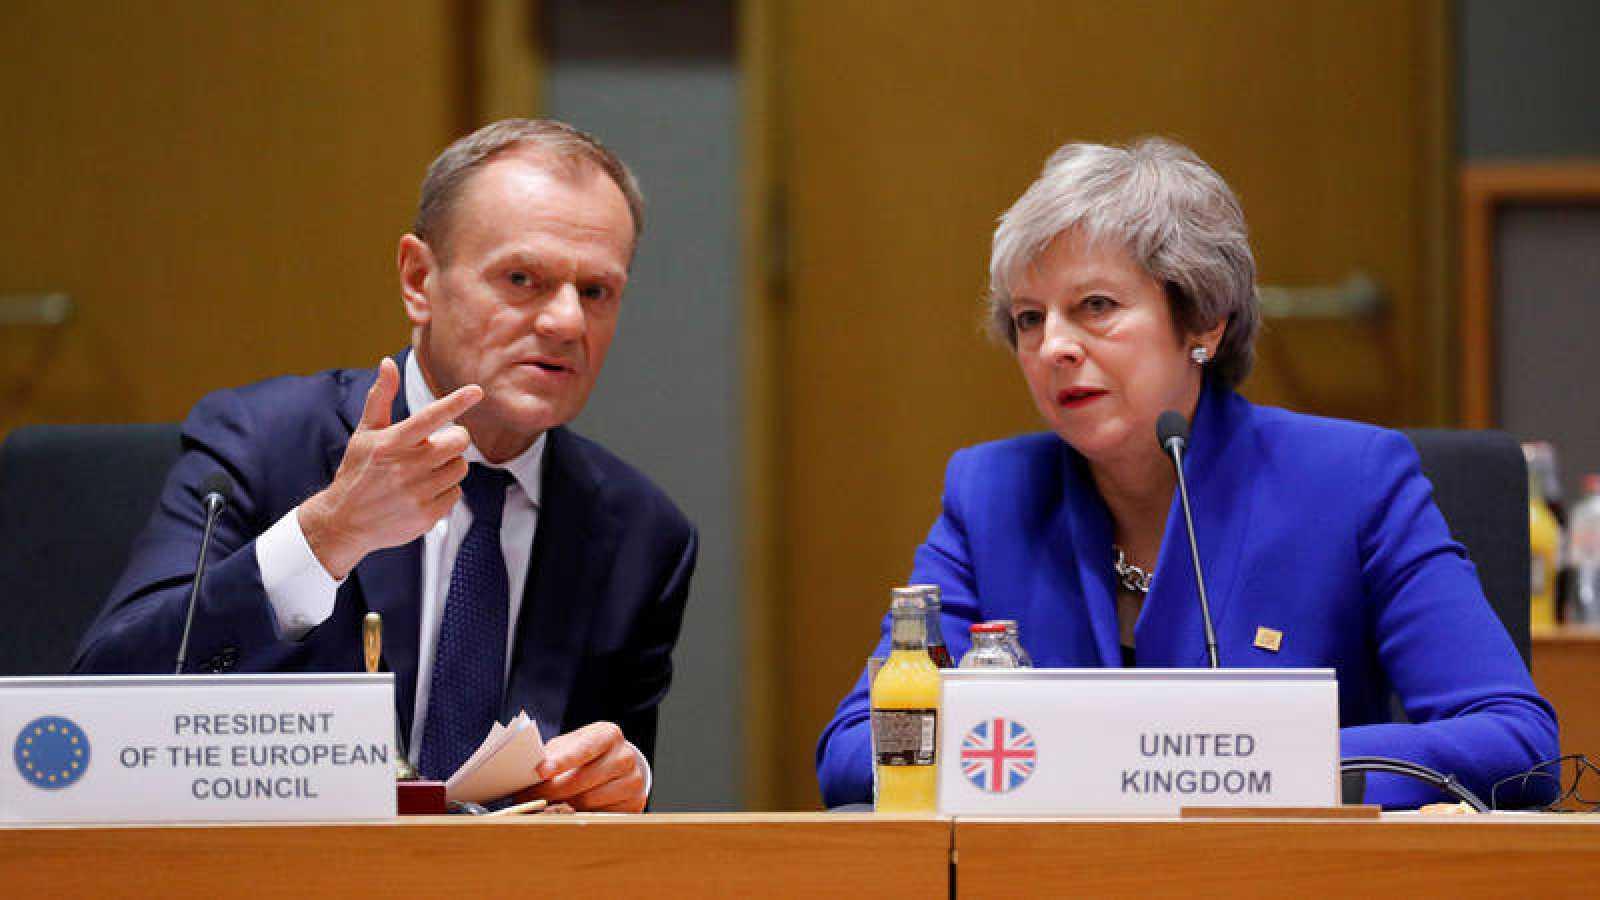 El primera ministra británica, Theresa May (R), y el presidente del Consejo de la Unión Europea, Donald Tusk, durante la cumbre extraordinaria de líderes de la UE para finalizar y formalizar el acuerdo del Brexit